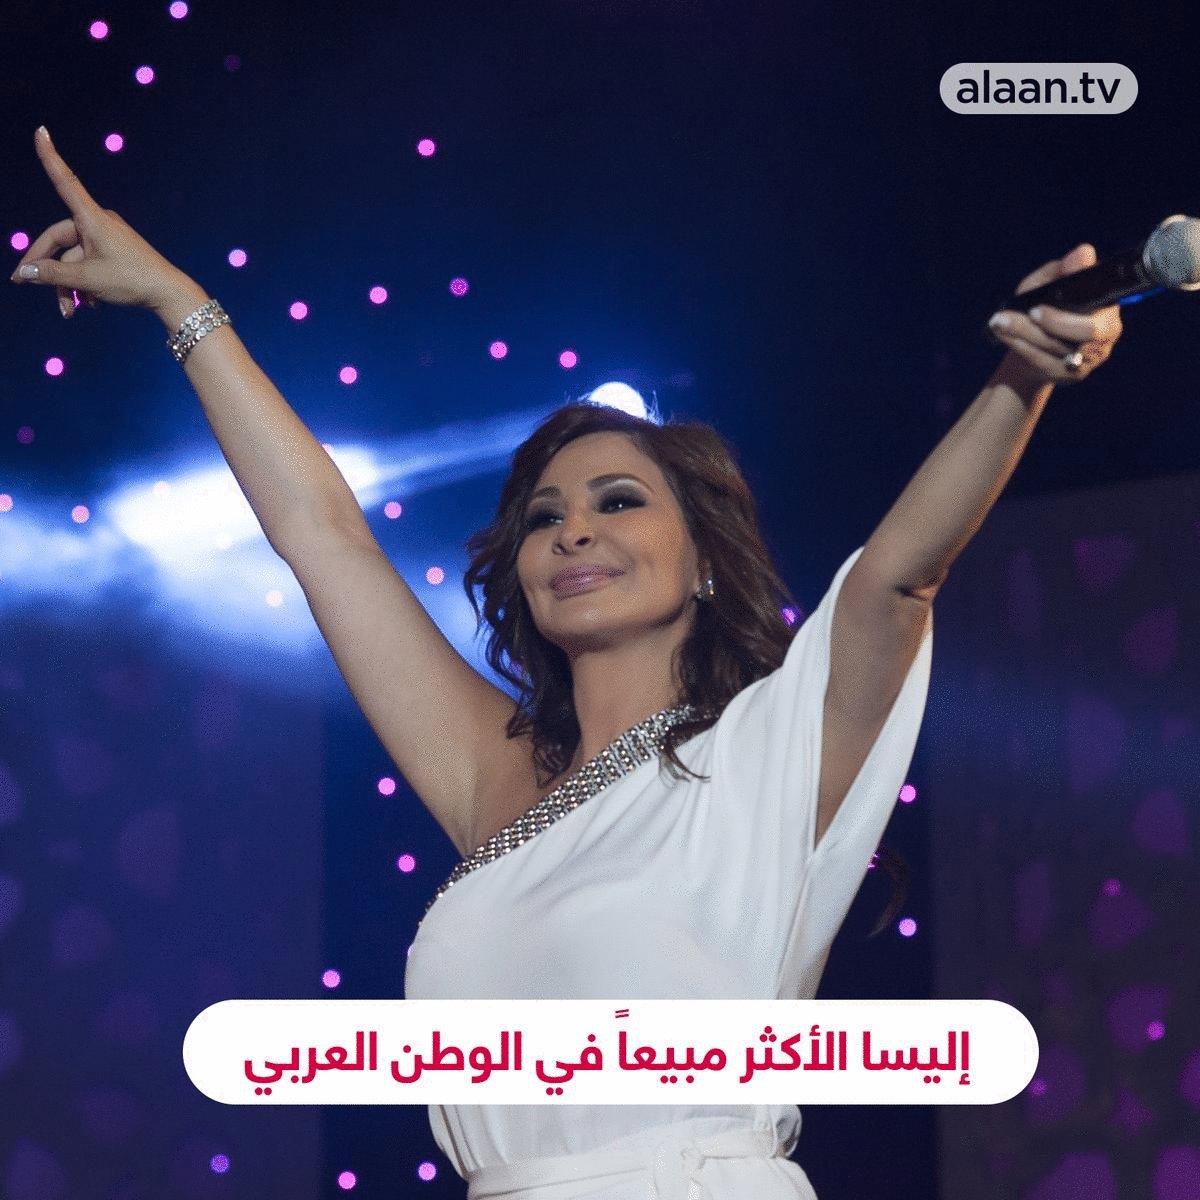 ألبوم #صاحبة_رأي لملكة الإحساس #إليسا @elissakh يتصدر قائمة أكثر الألبومات مبيعاً في قائمة الفنانين العرب لعام 2020 حسب صفحة  World Music Awards على الإنستغرام  تلفزيون_الآن #الجميع_مسؤول #موسيقى #فن #مشاهير